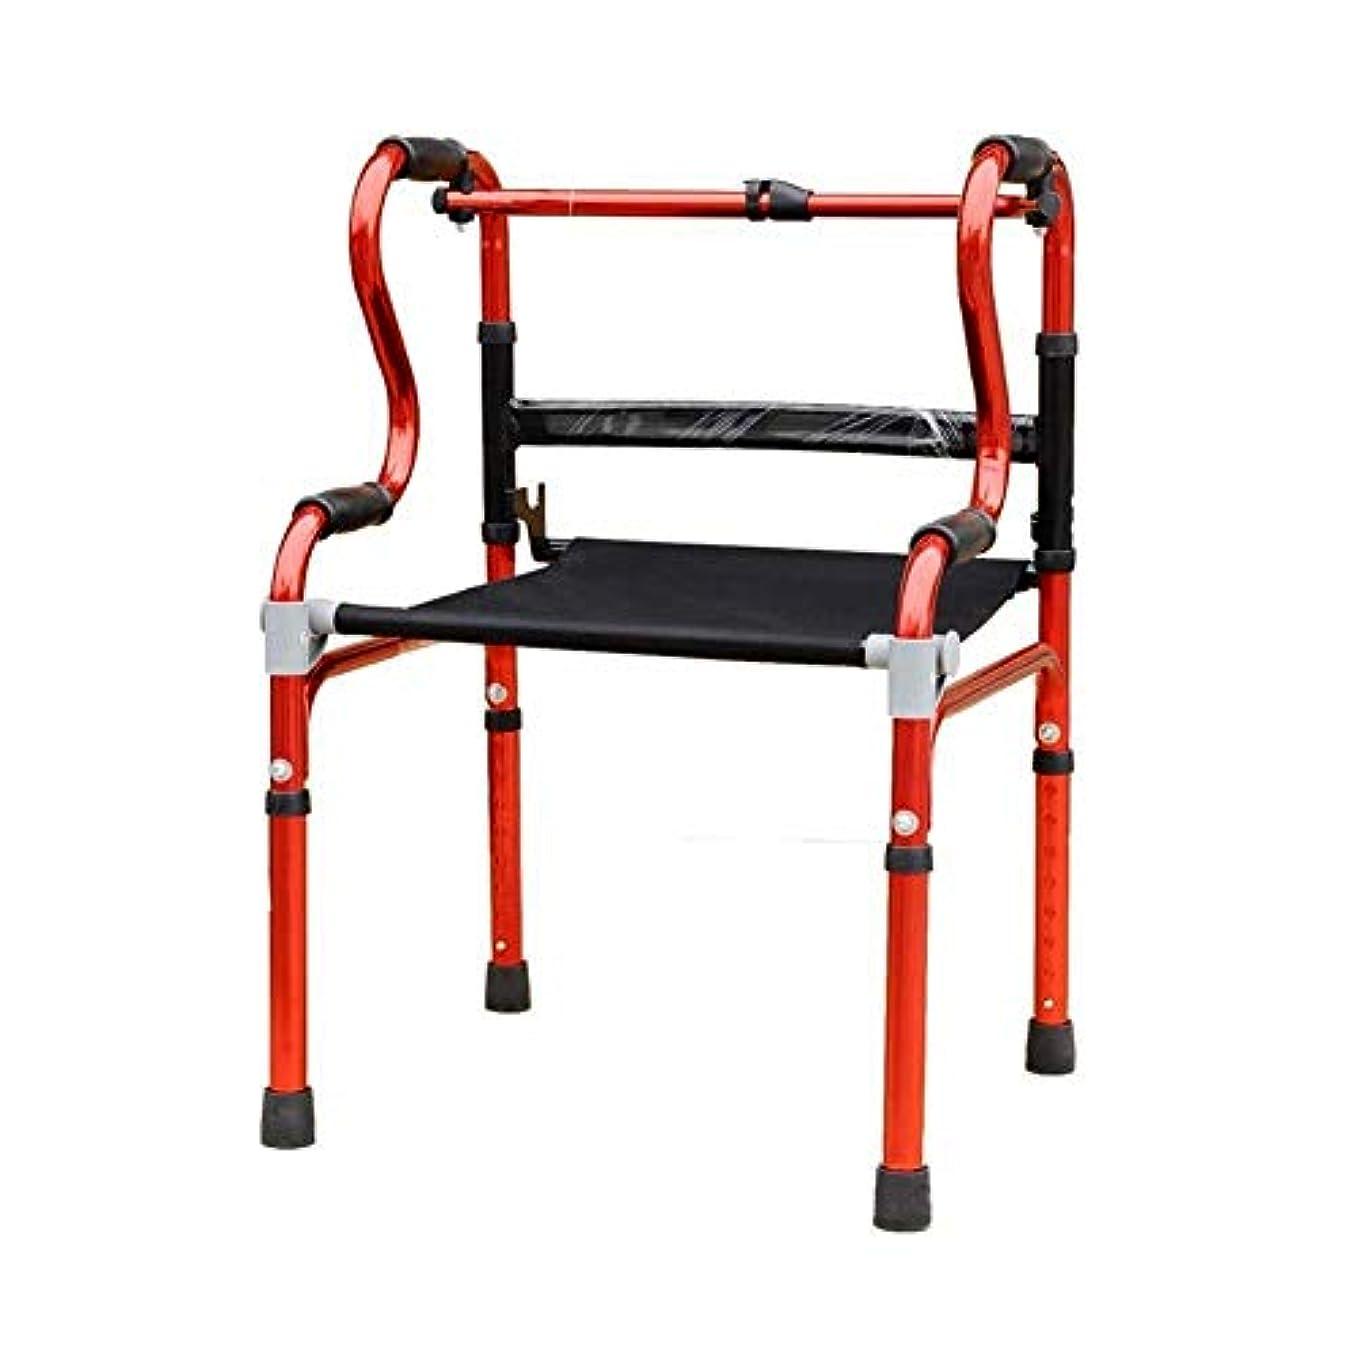 猟犬剪断ペイント軽量ウォーカー、パッド入りシートとバッグコンパクト折りたたみデザイン高齢者ウォーカー付きアルミニウムローラー